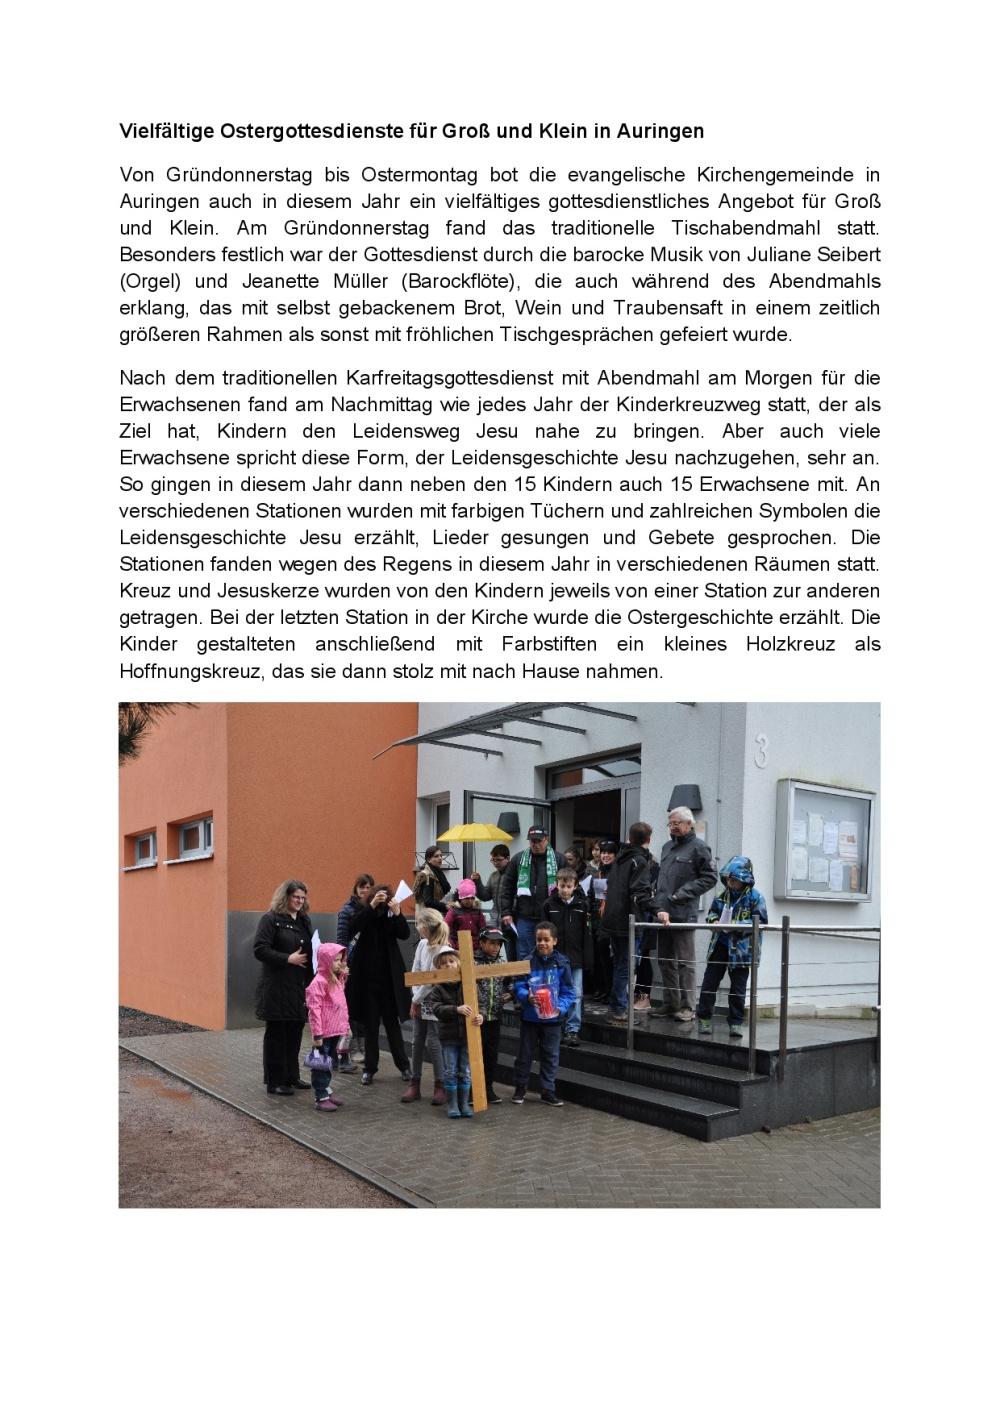 2016-03-25-vielfaltige-ostergodi-fur-gros-und-klein-001